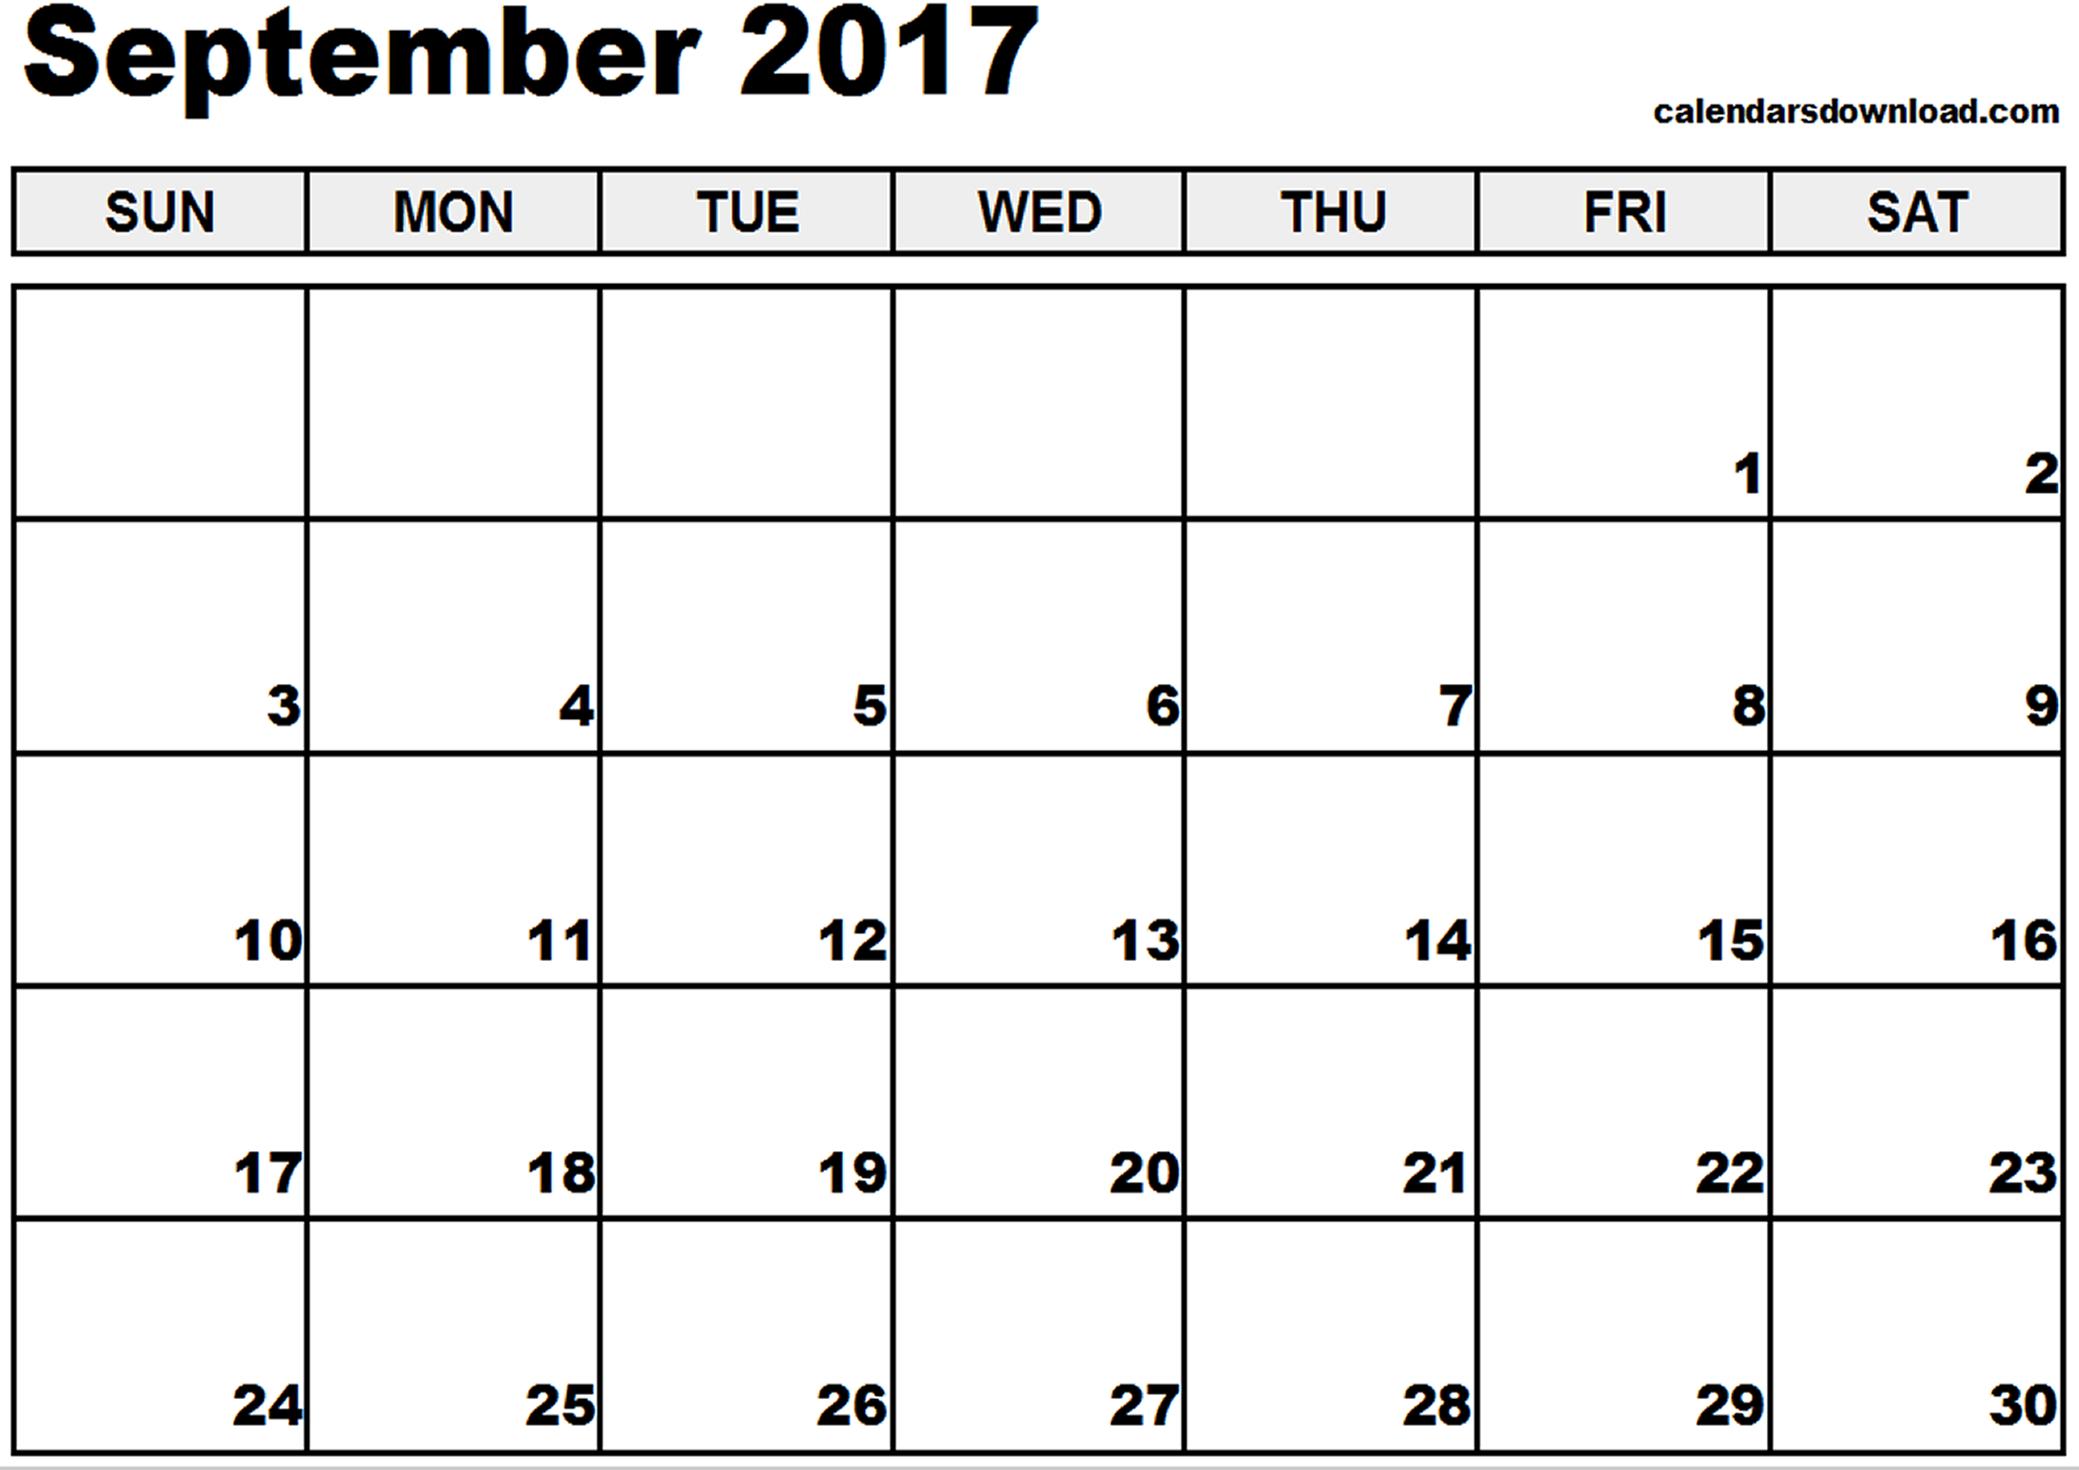 September 2017 Calendar | weekly calendar template